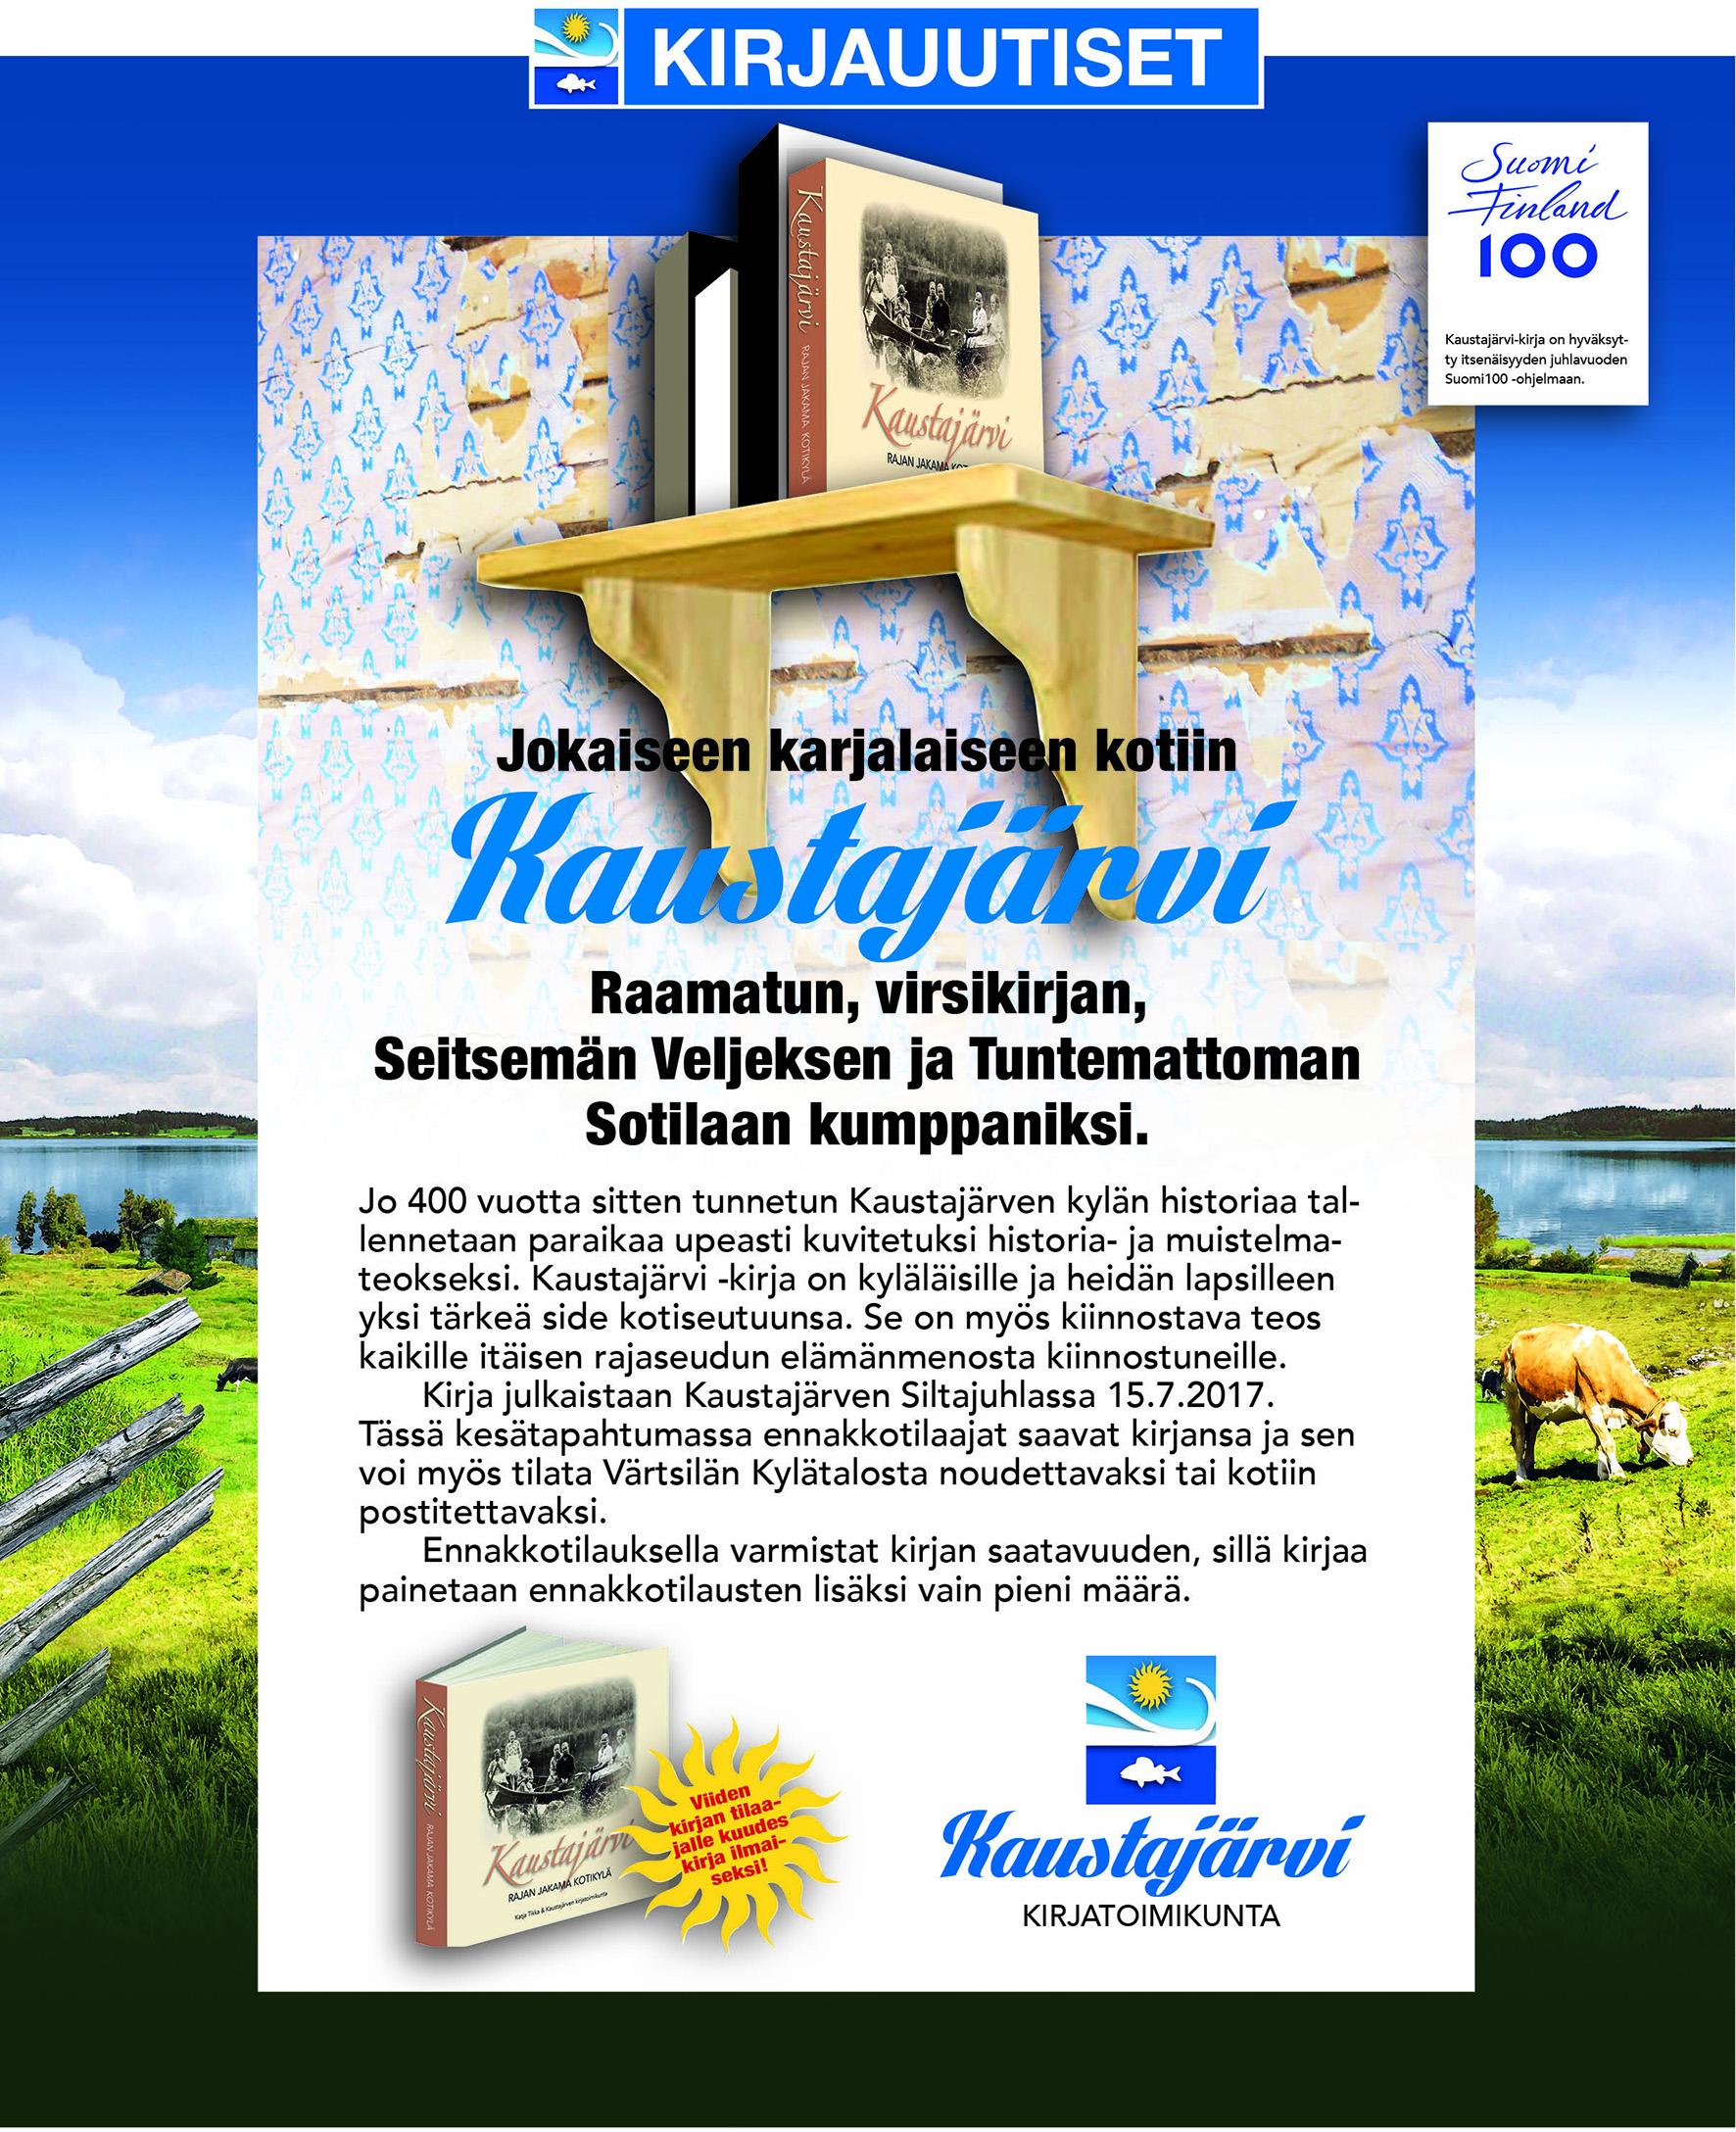 uutinen-_kodin-kirjasto_